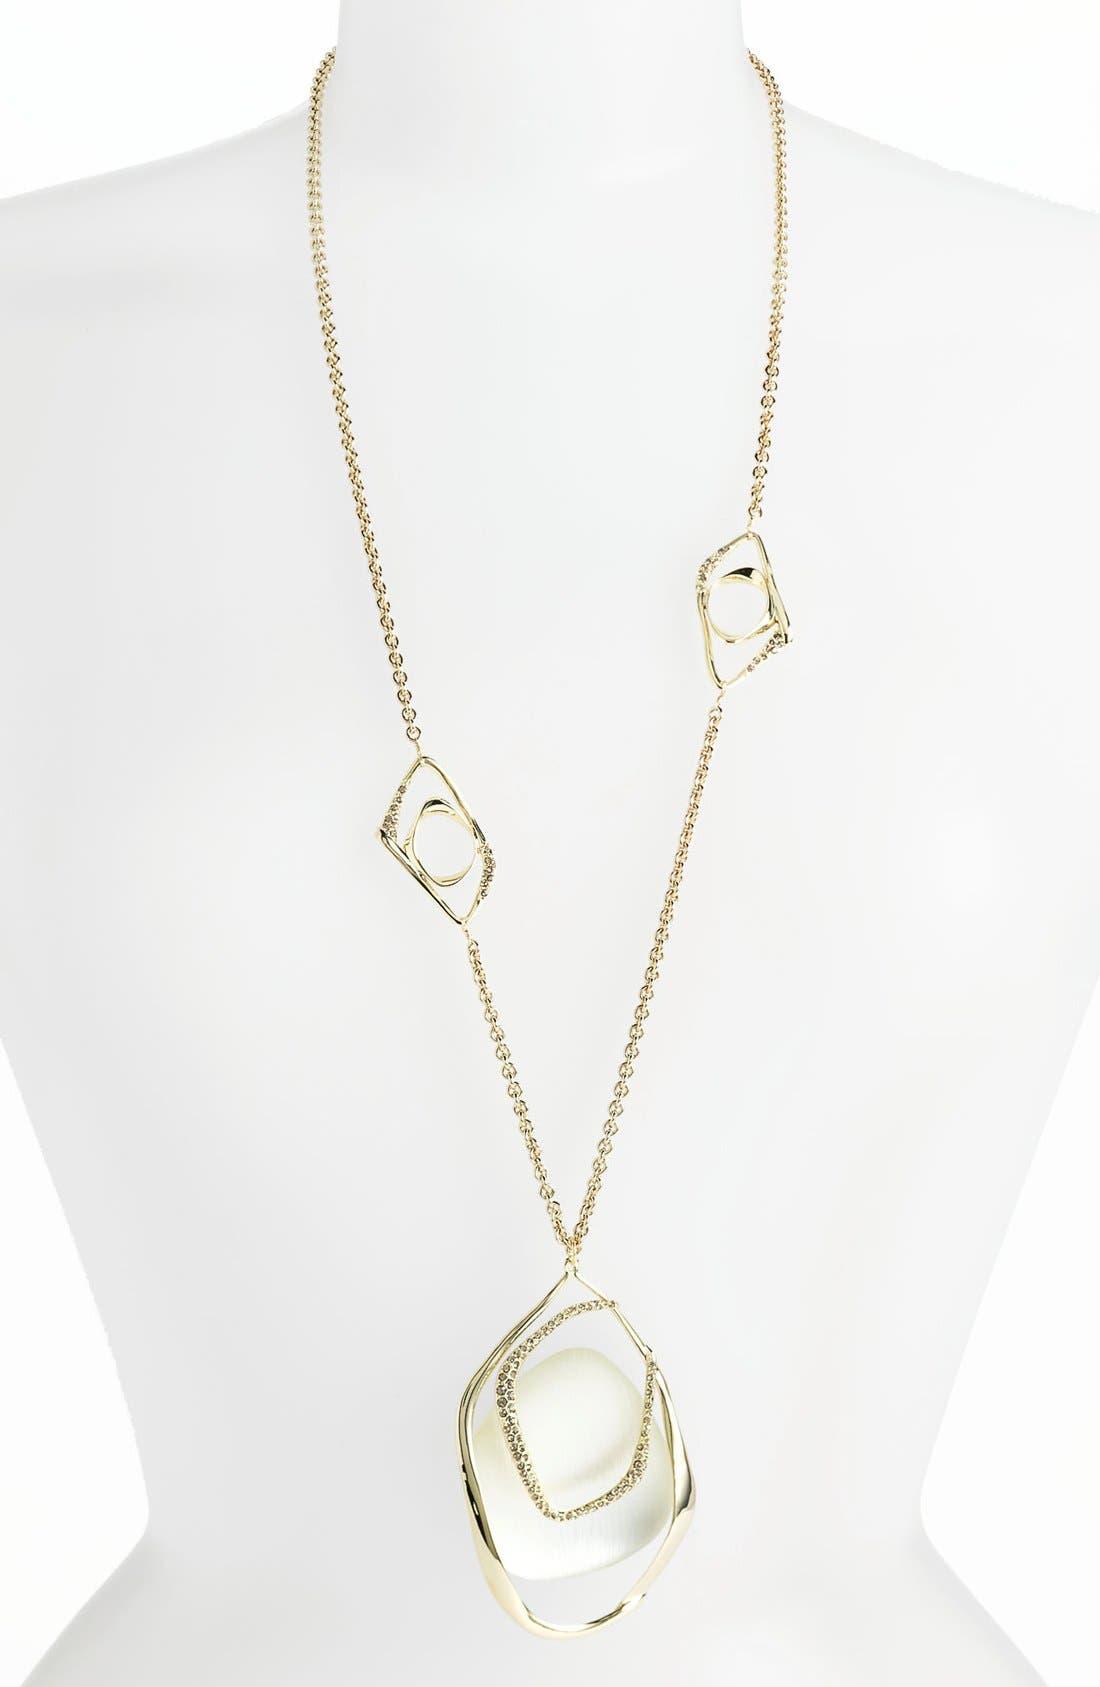 Main Image - Alexis Bittar 'Lucite® - Mod' Long Pendant Necklace